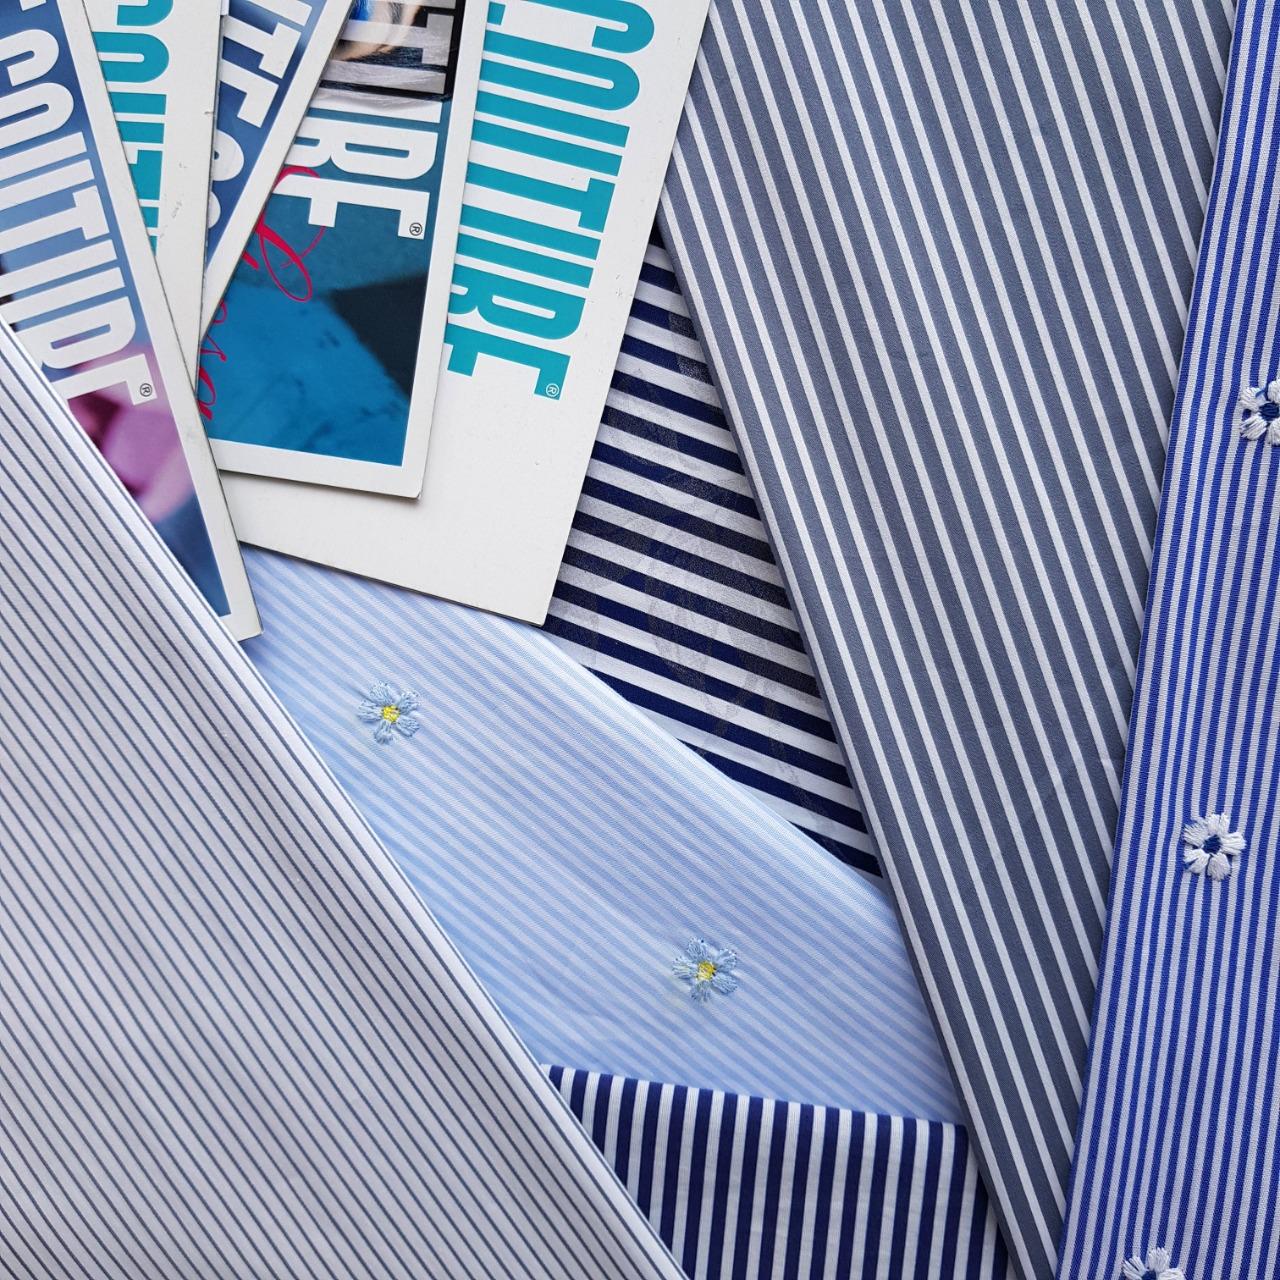 Купить ткань для рубашки екатеринбург домик раскраска из картона купить в москве